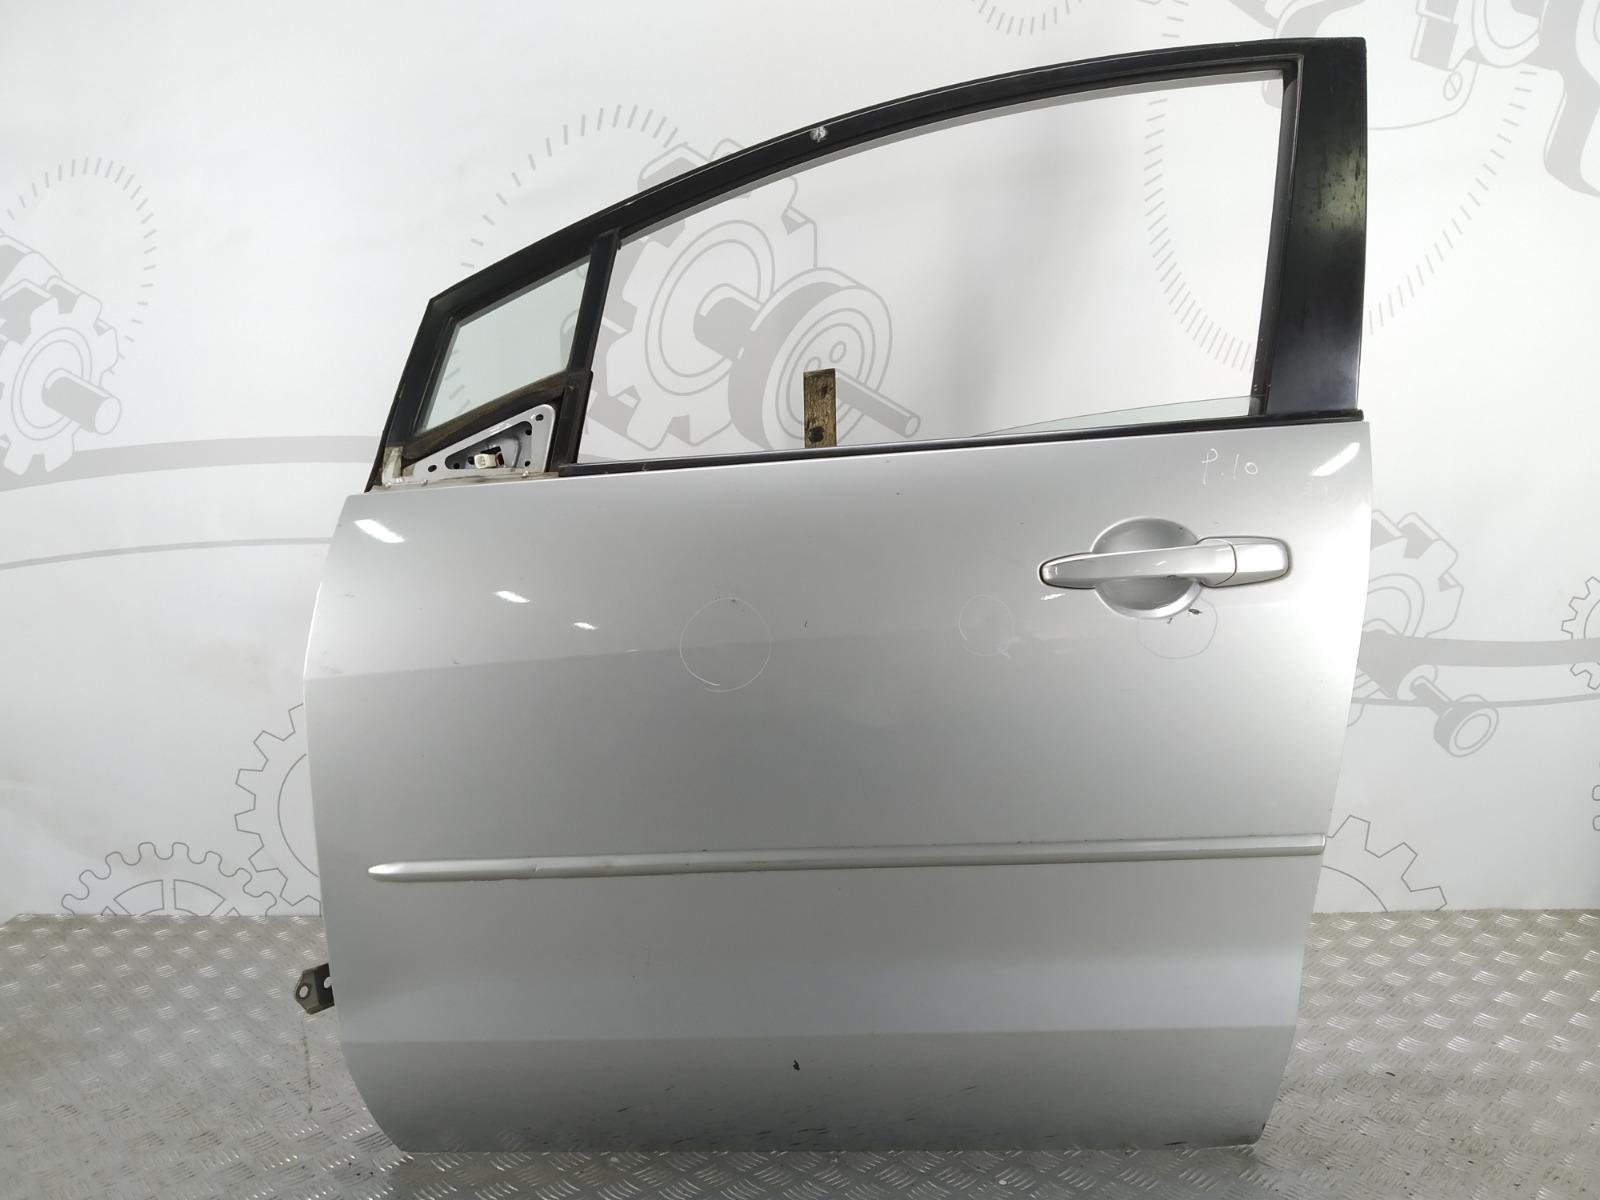 Дверь передняя левая Mazda 5 2.0 TD 2006 (б/у)